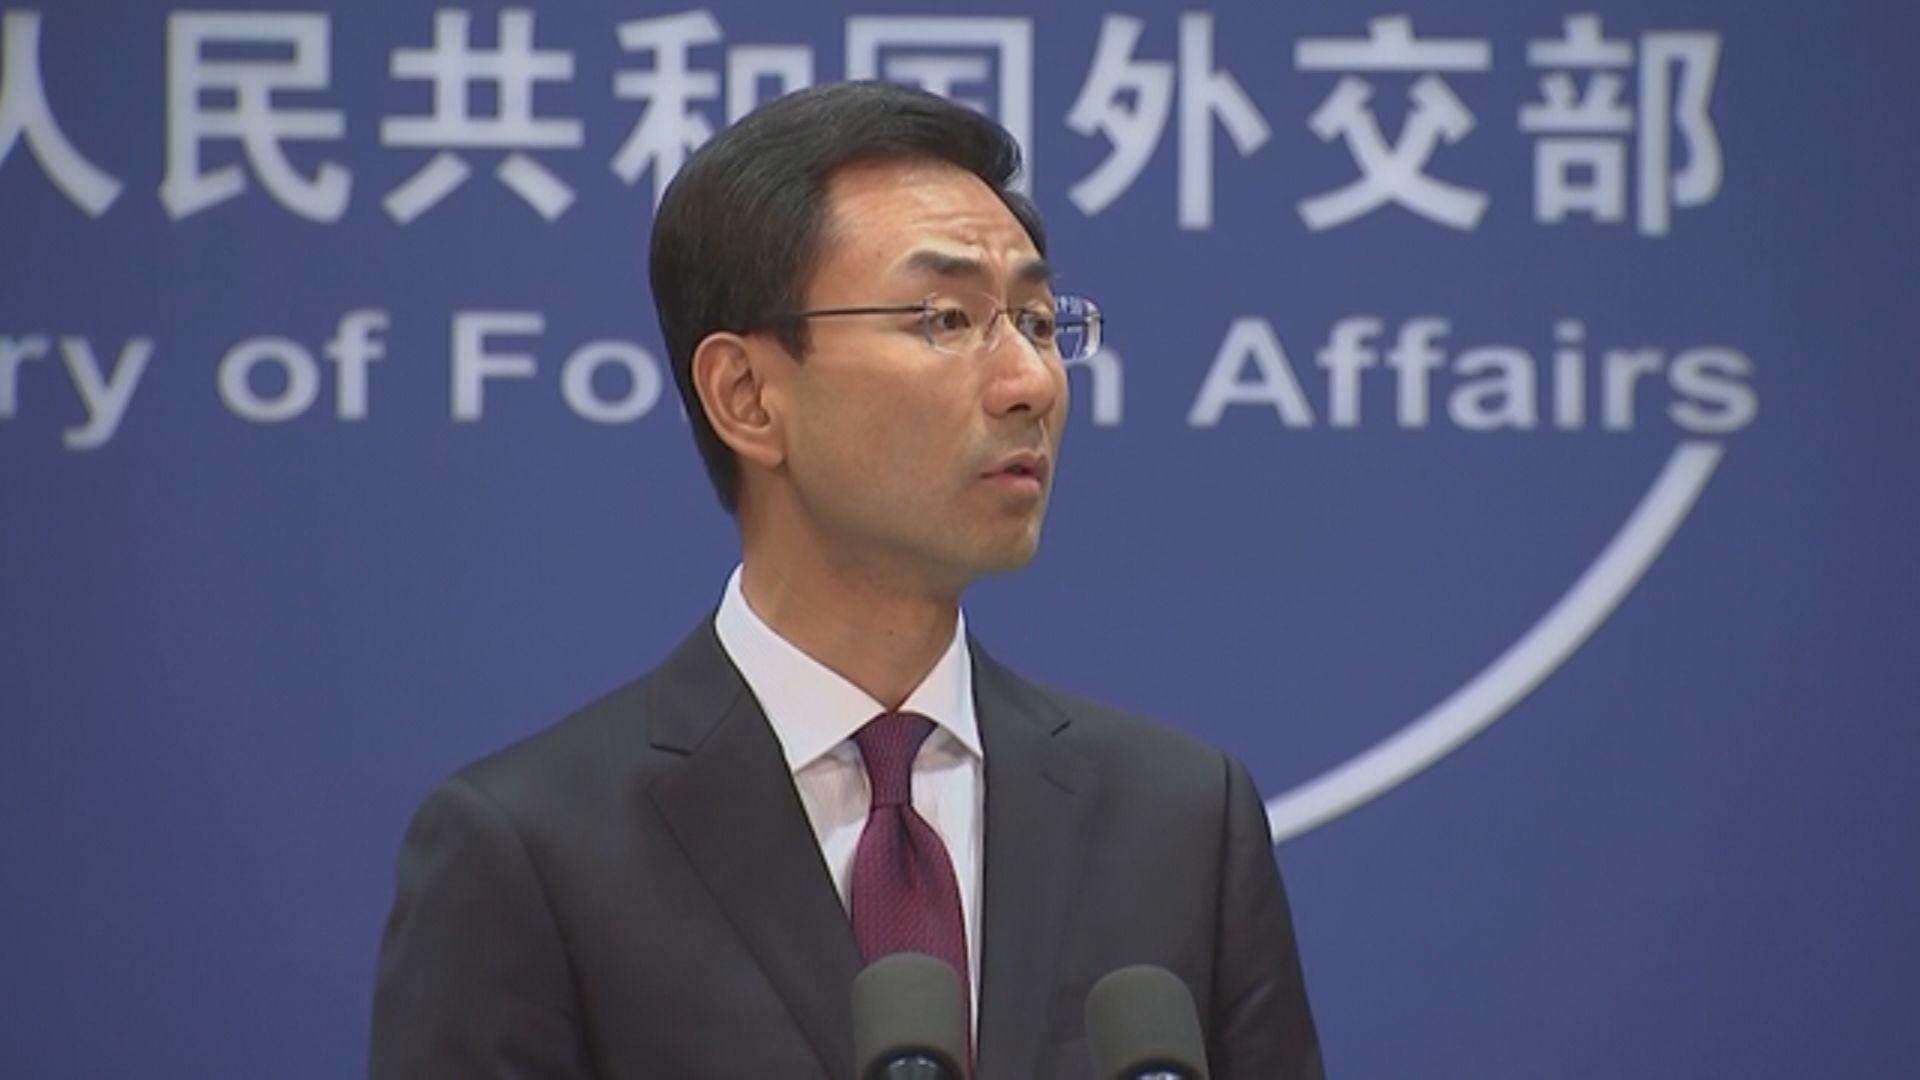 外交部譴責香港示威已演化為極端暴力行動